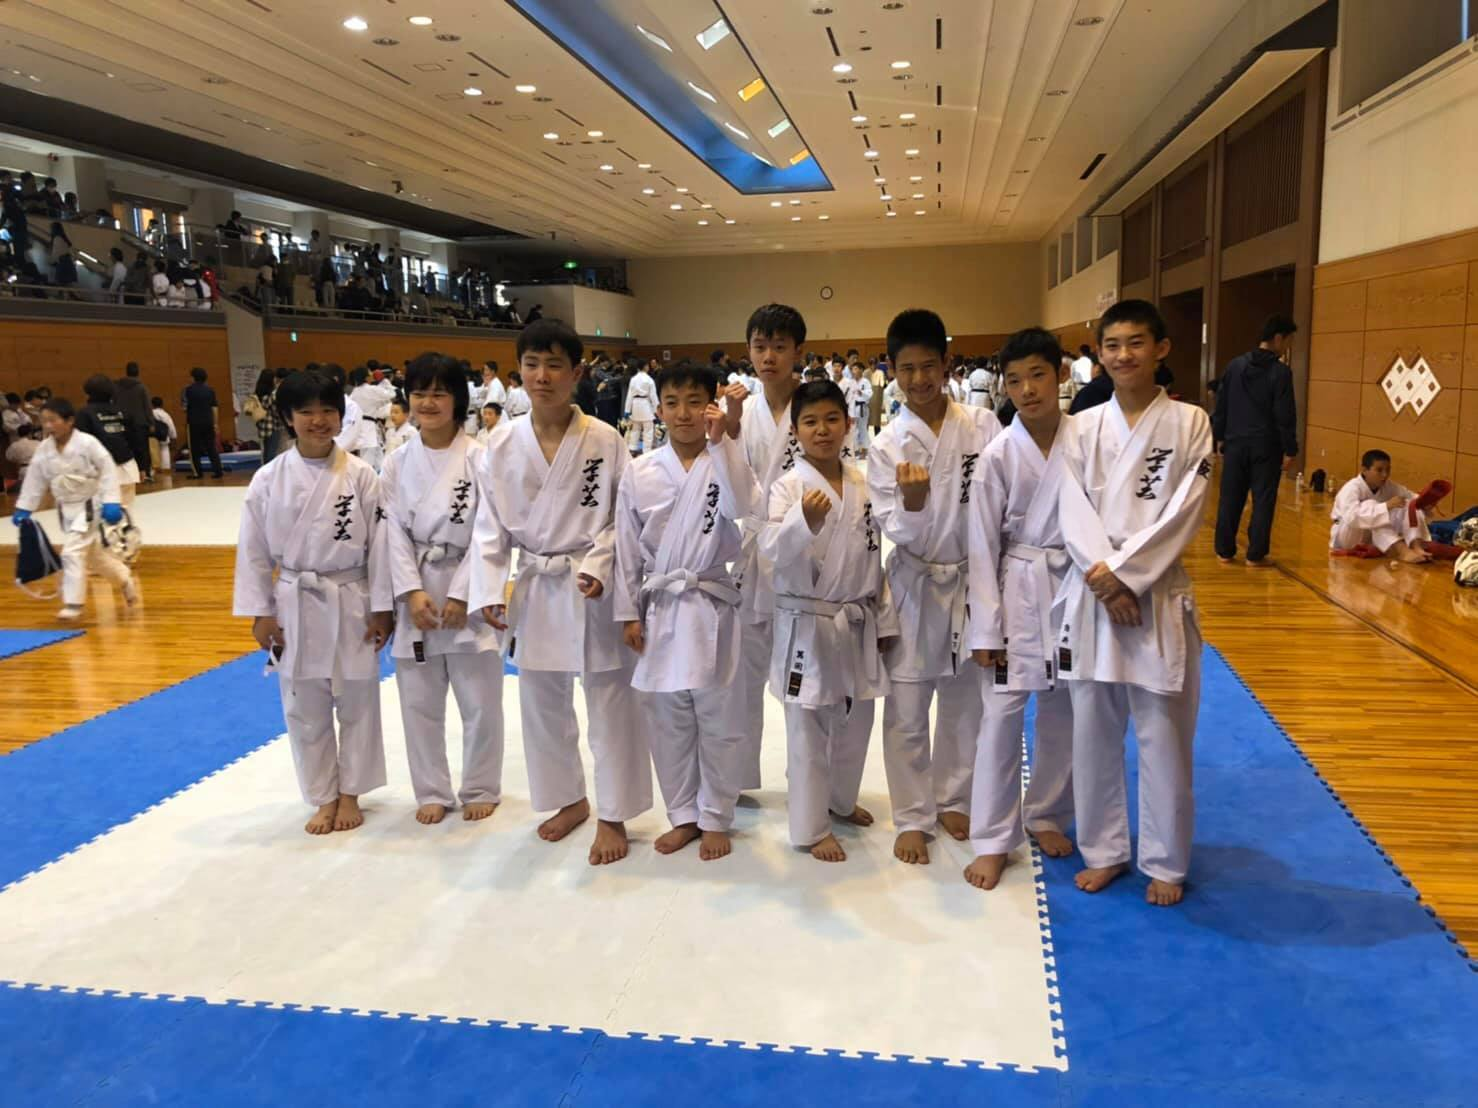 イナズマ拳フェスに参戦_e0238098_06514031.jpg